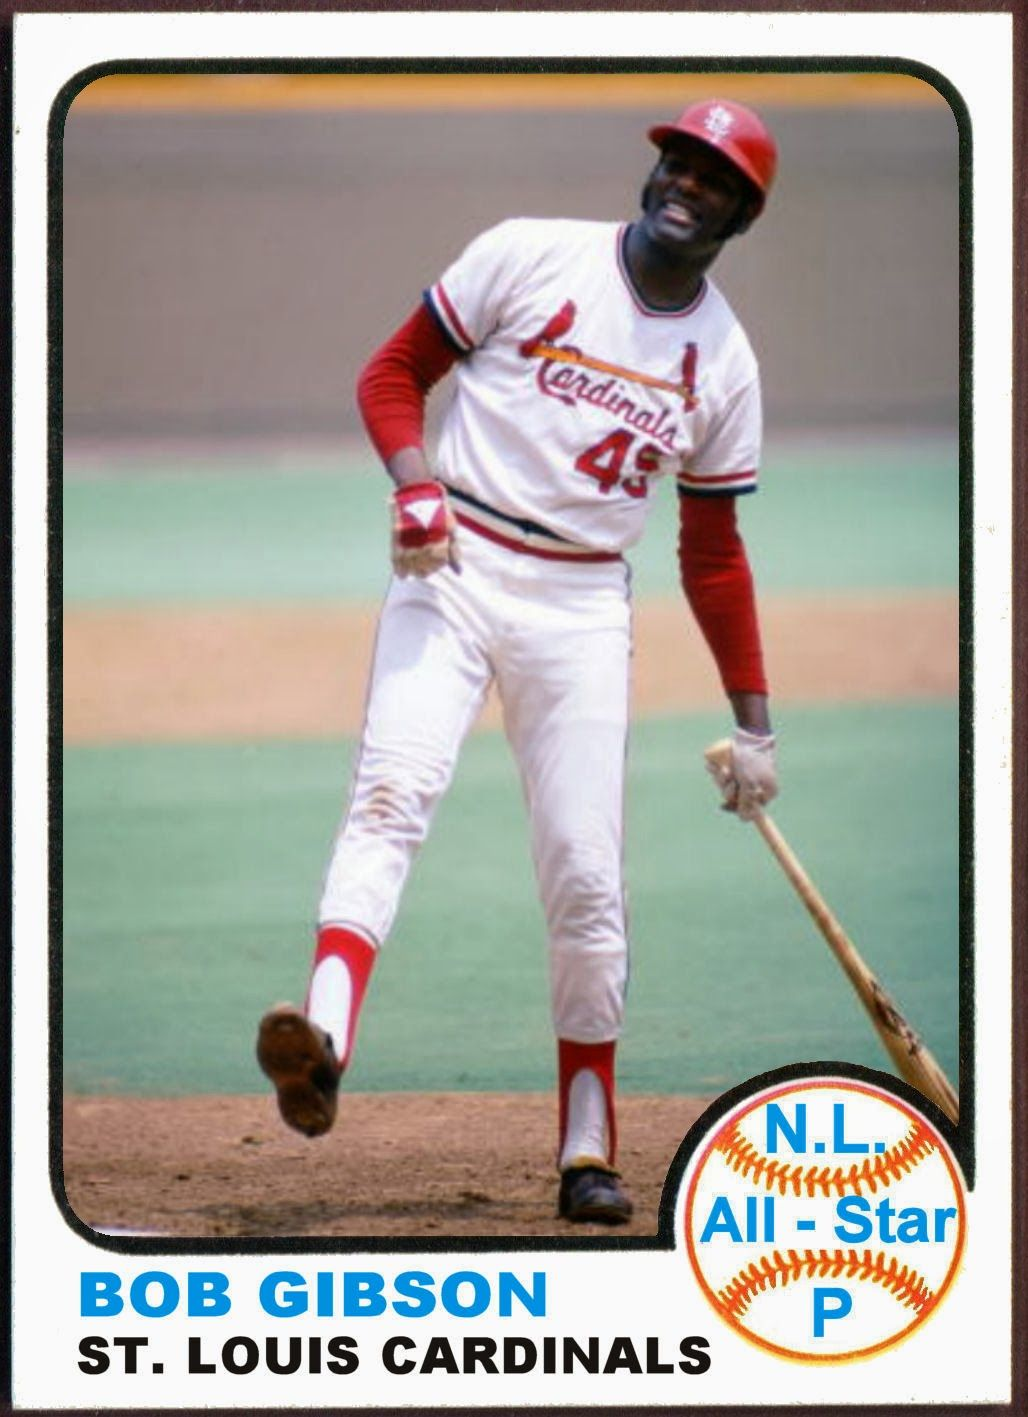 1973 Topps Bob Gibson AllStar. Baseball Cards That Never